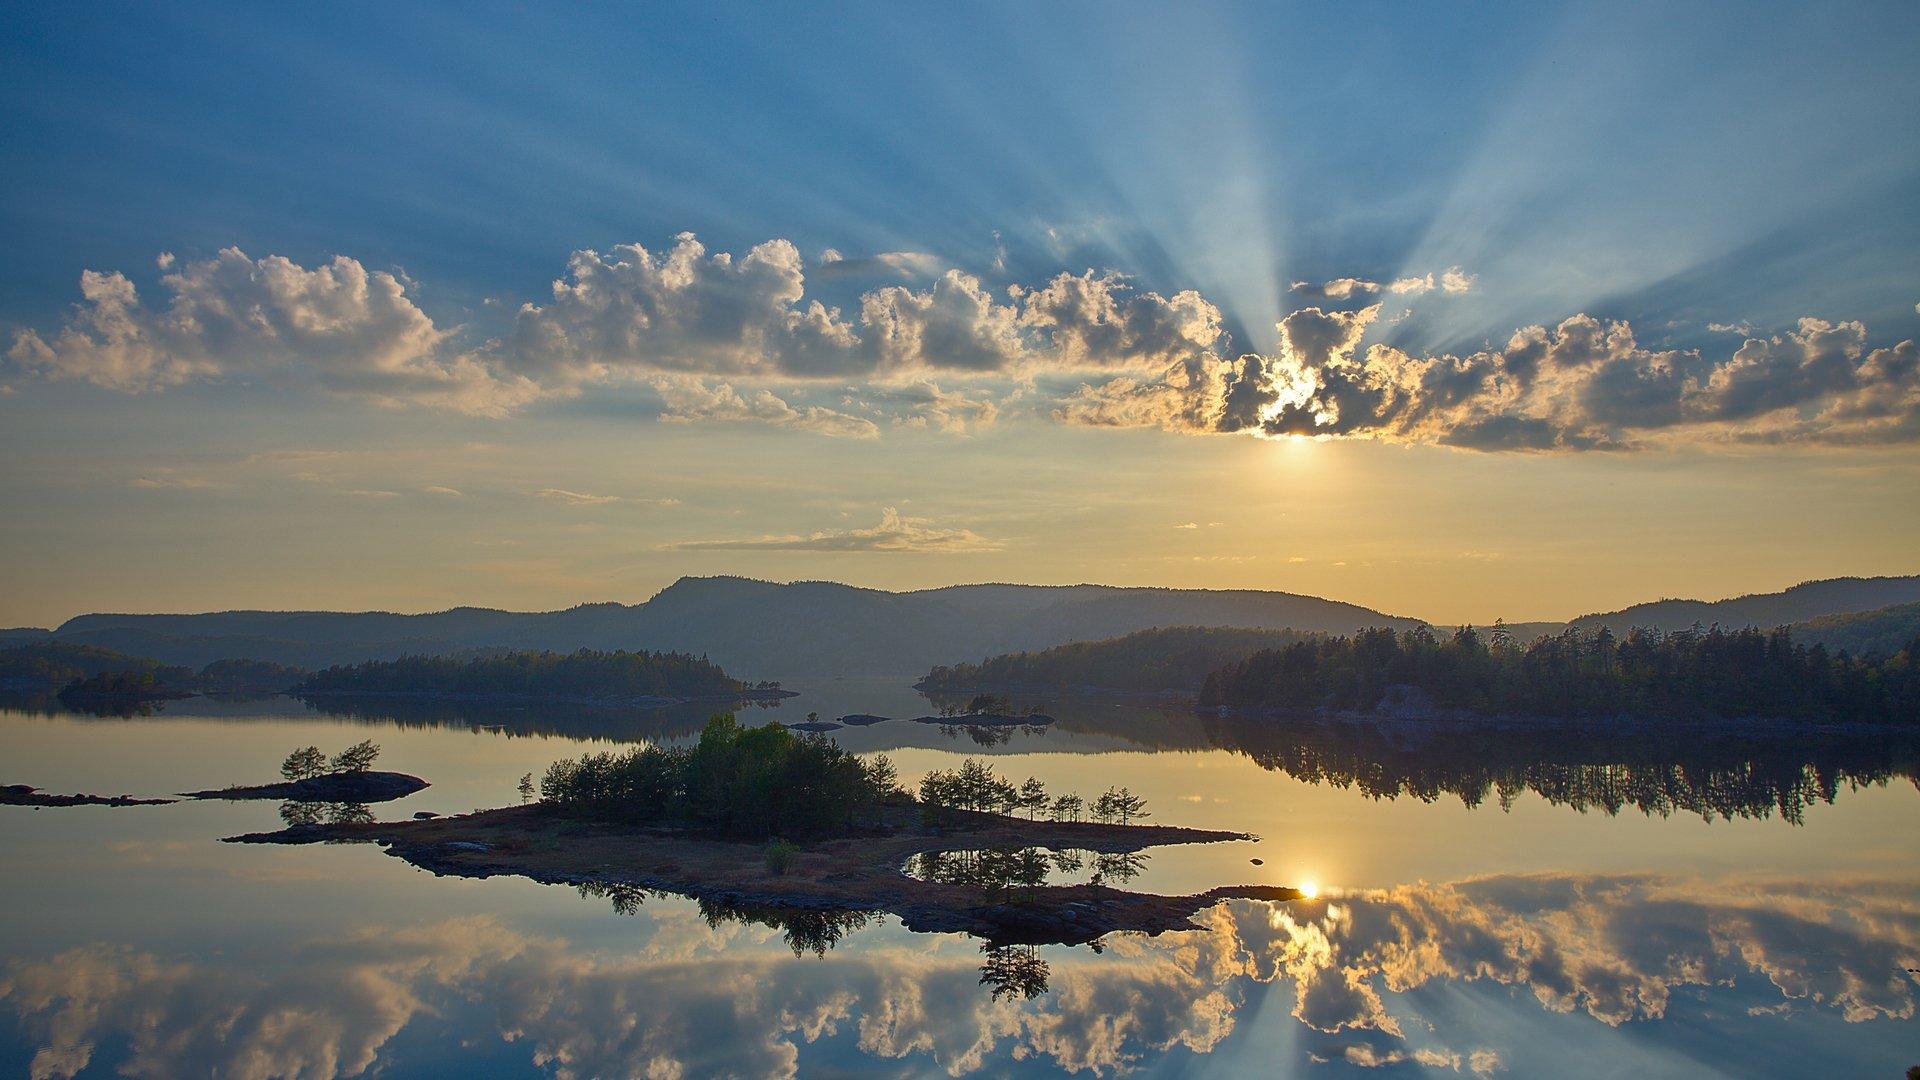 природа река деревья облака небо  № 316516 загрузить